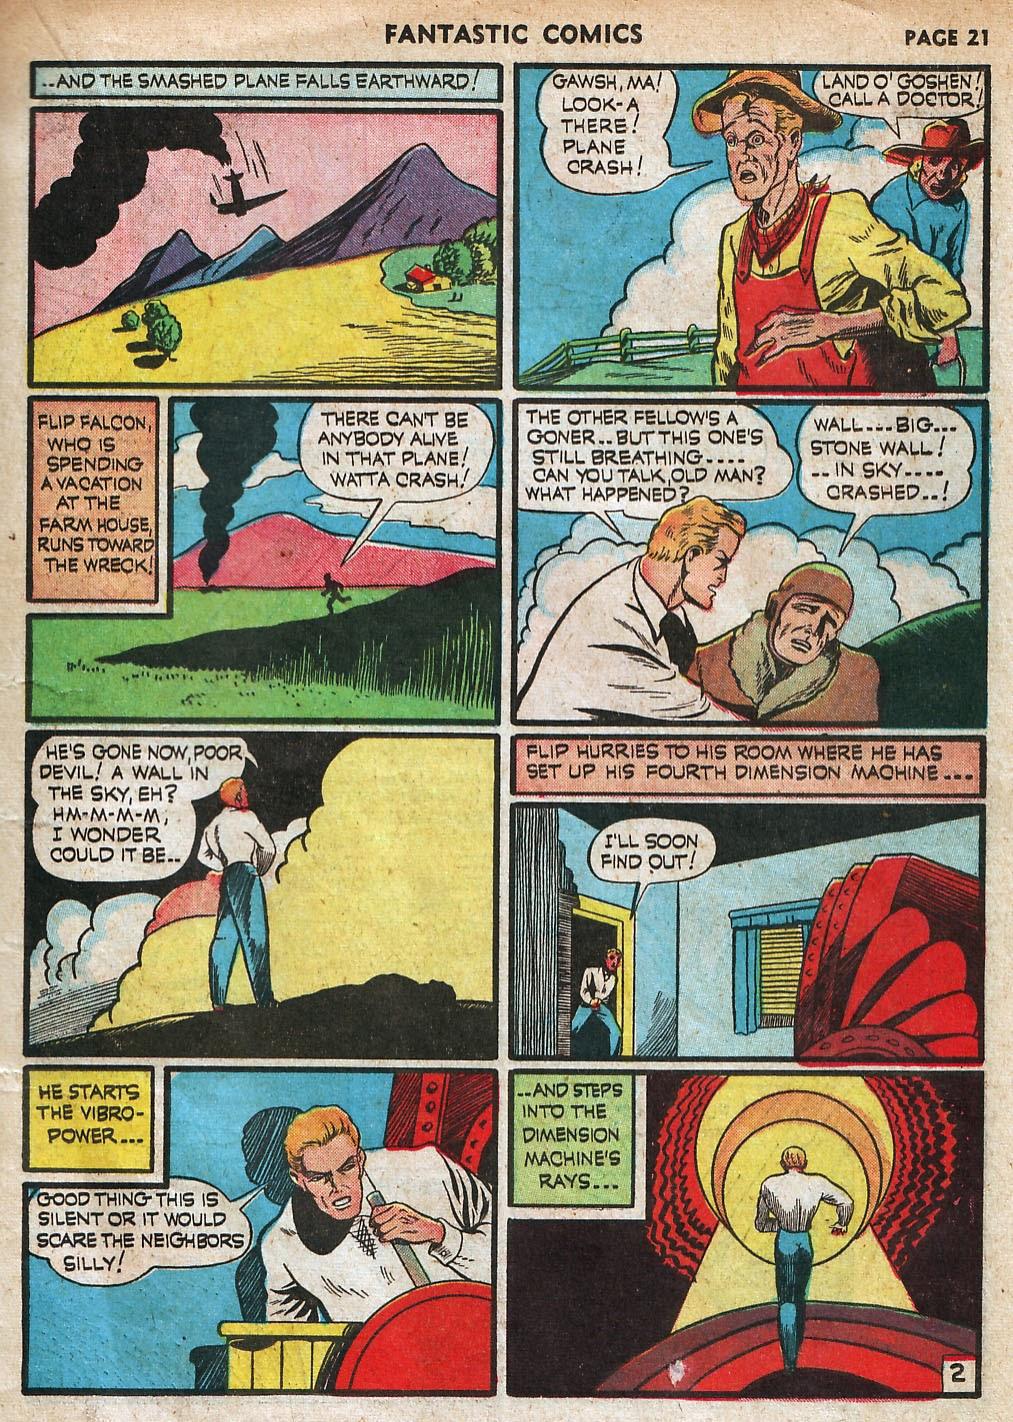 Read online Fantastic Comics comic -  Issue #18 - 23